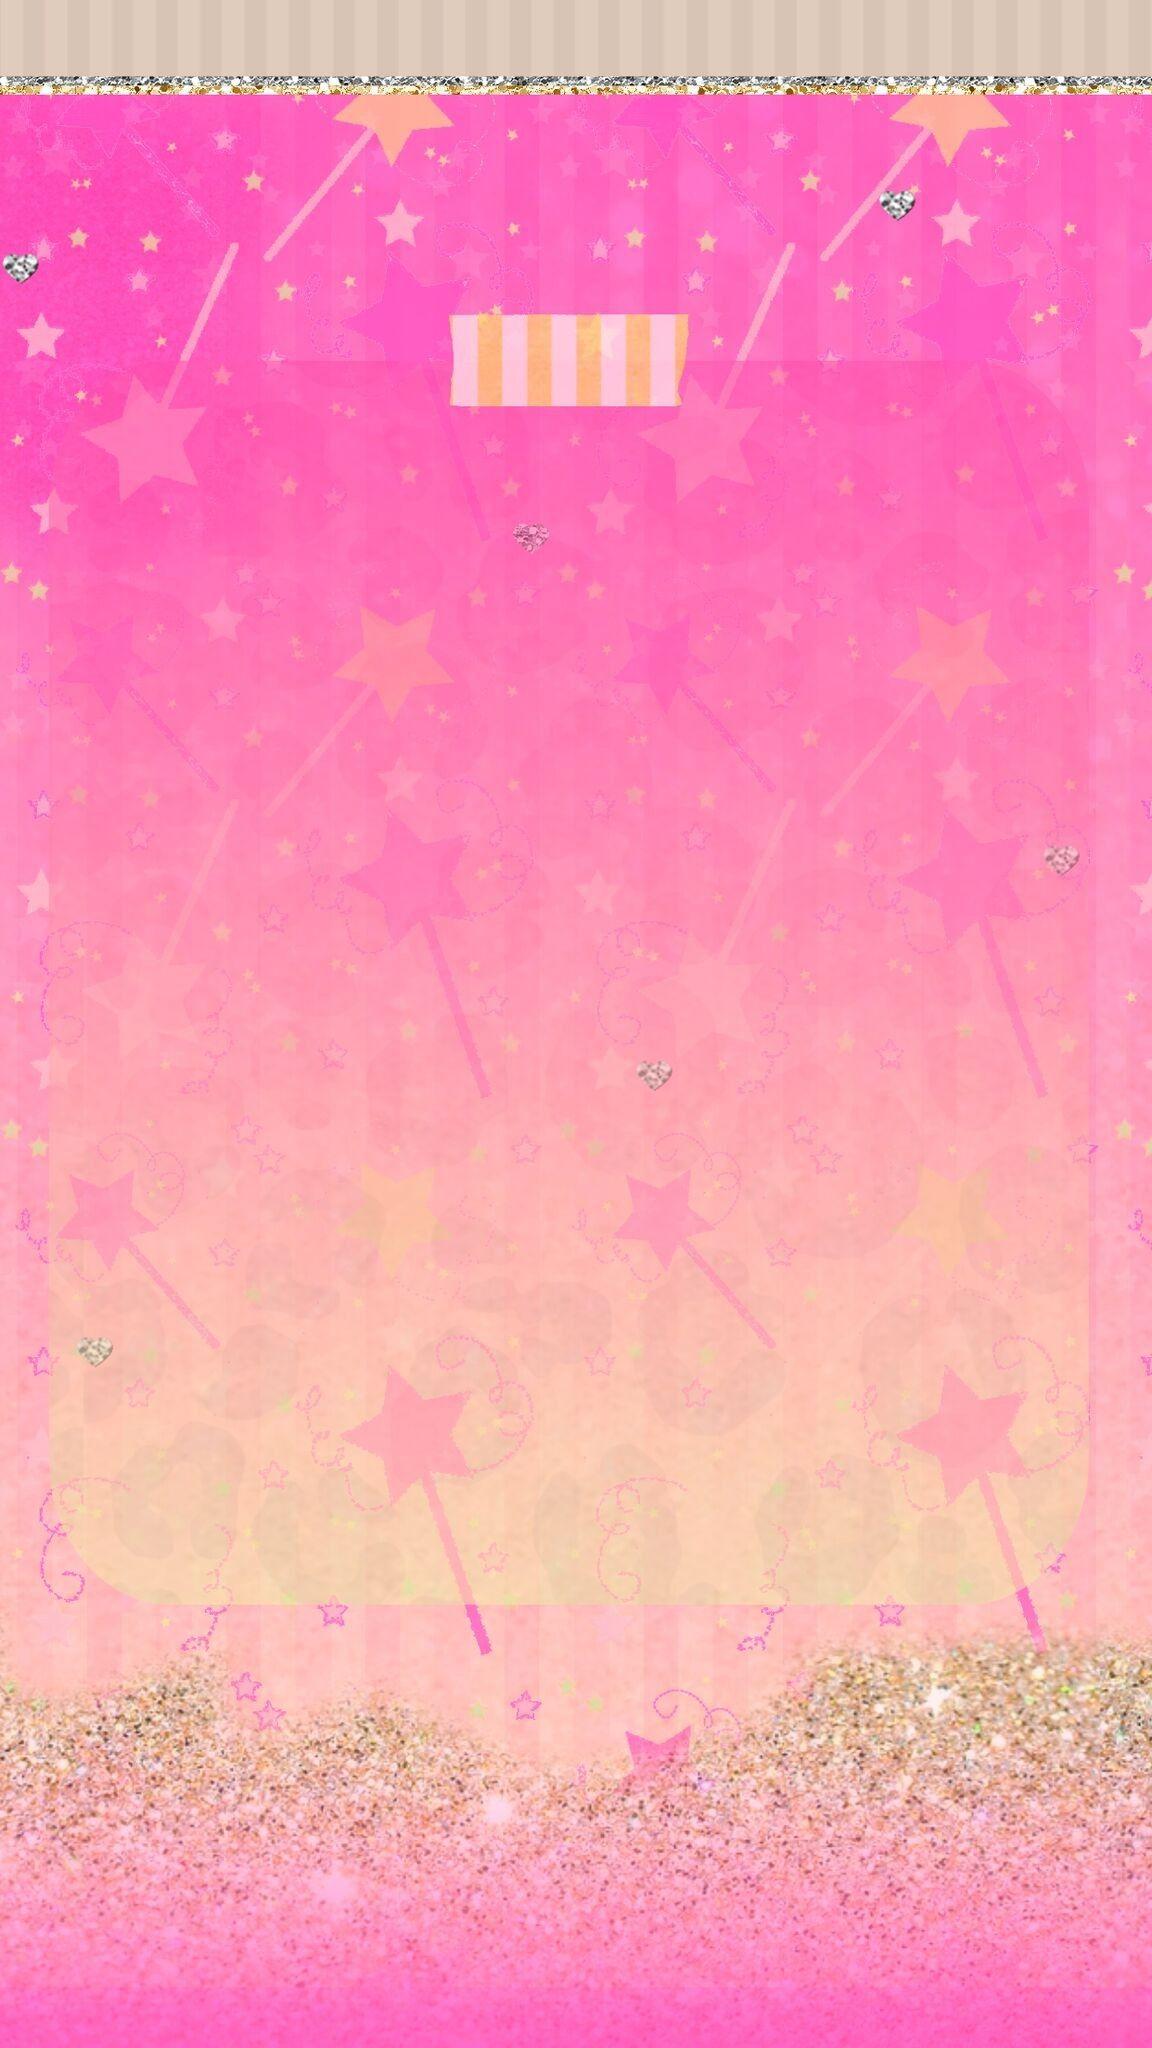 Beautiful Wallpaper Hello Kitty Smartphone - 21264f855f26c76bdcc9b60346769717  2018_988916.jpg